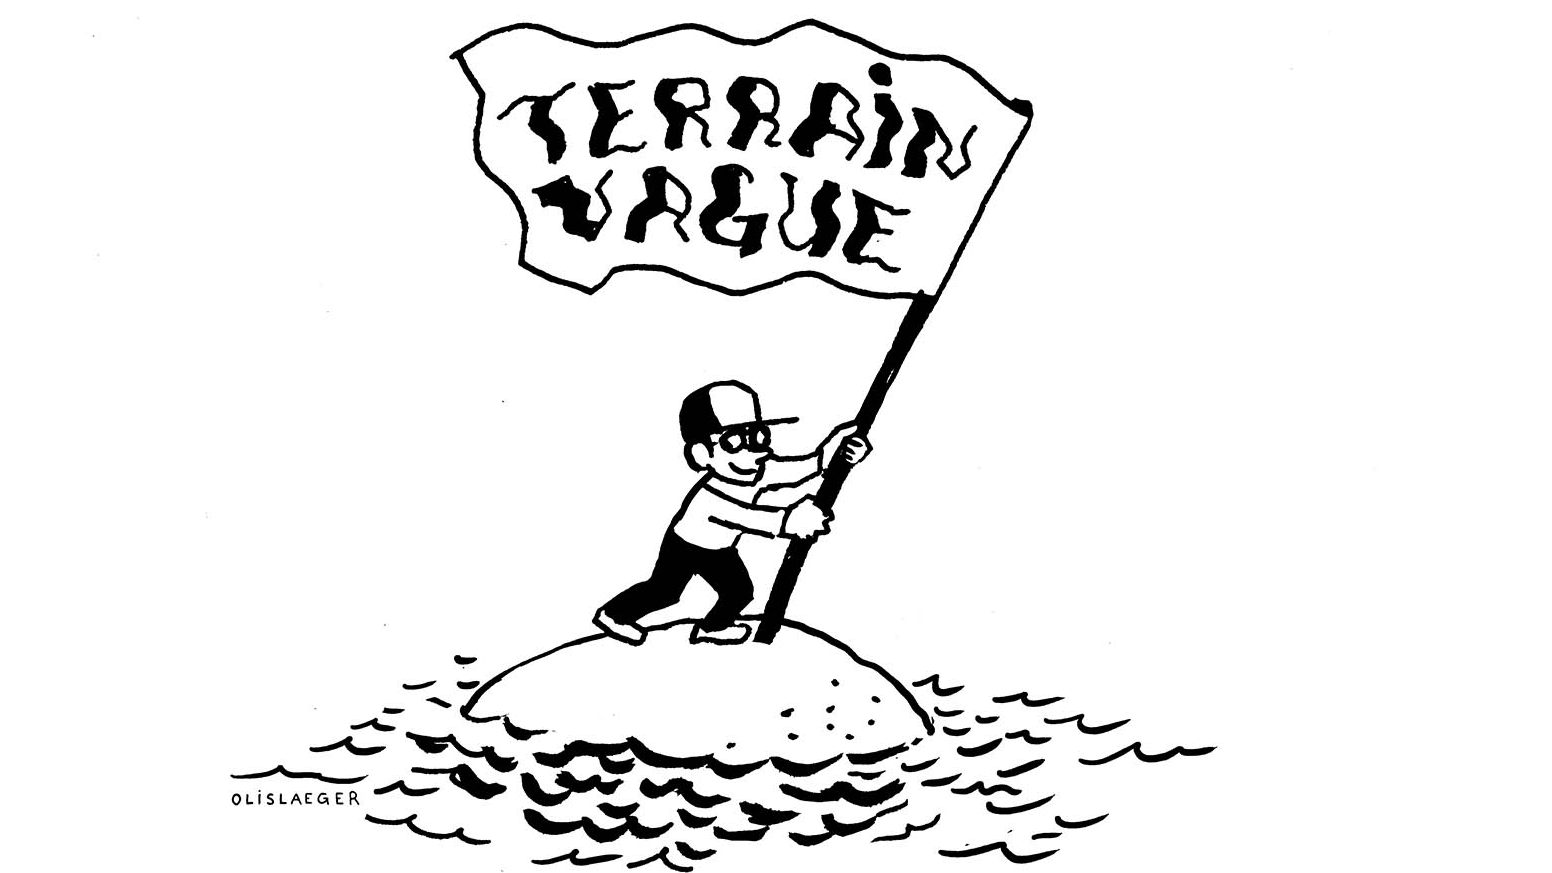 terrain_vague-1524065262.jpg